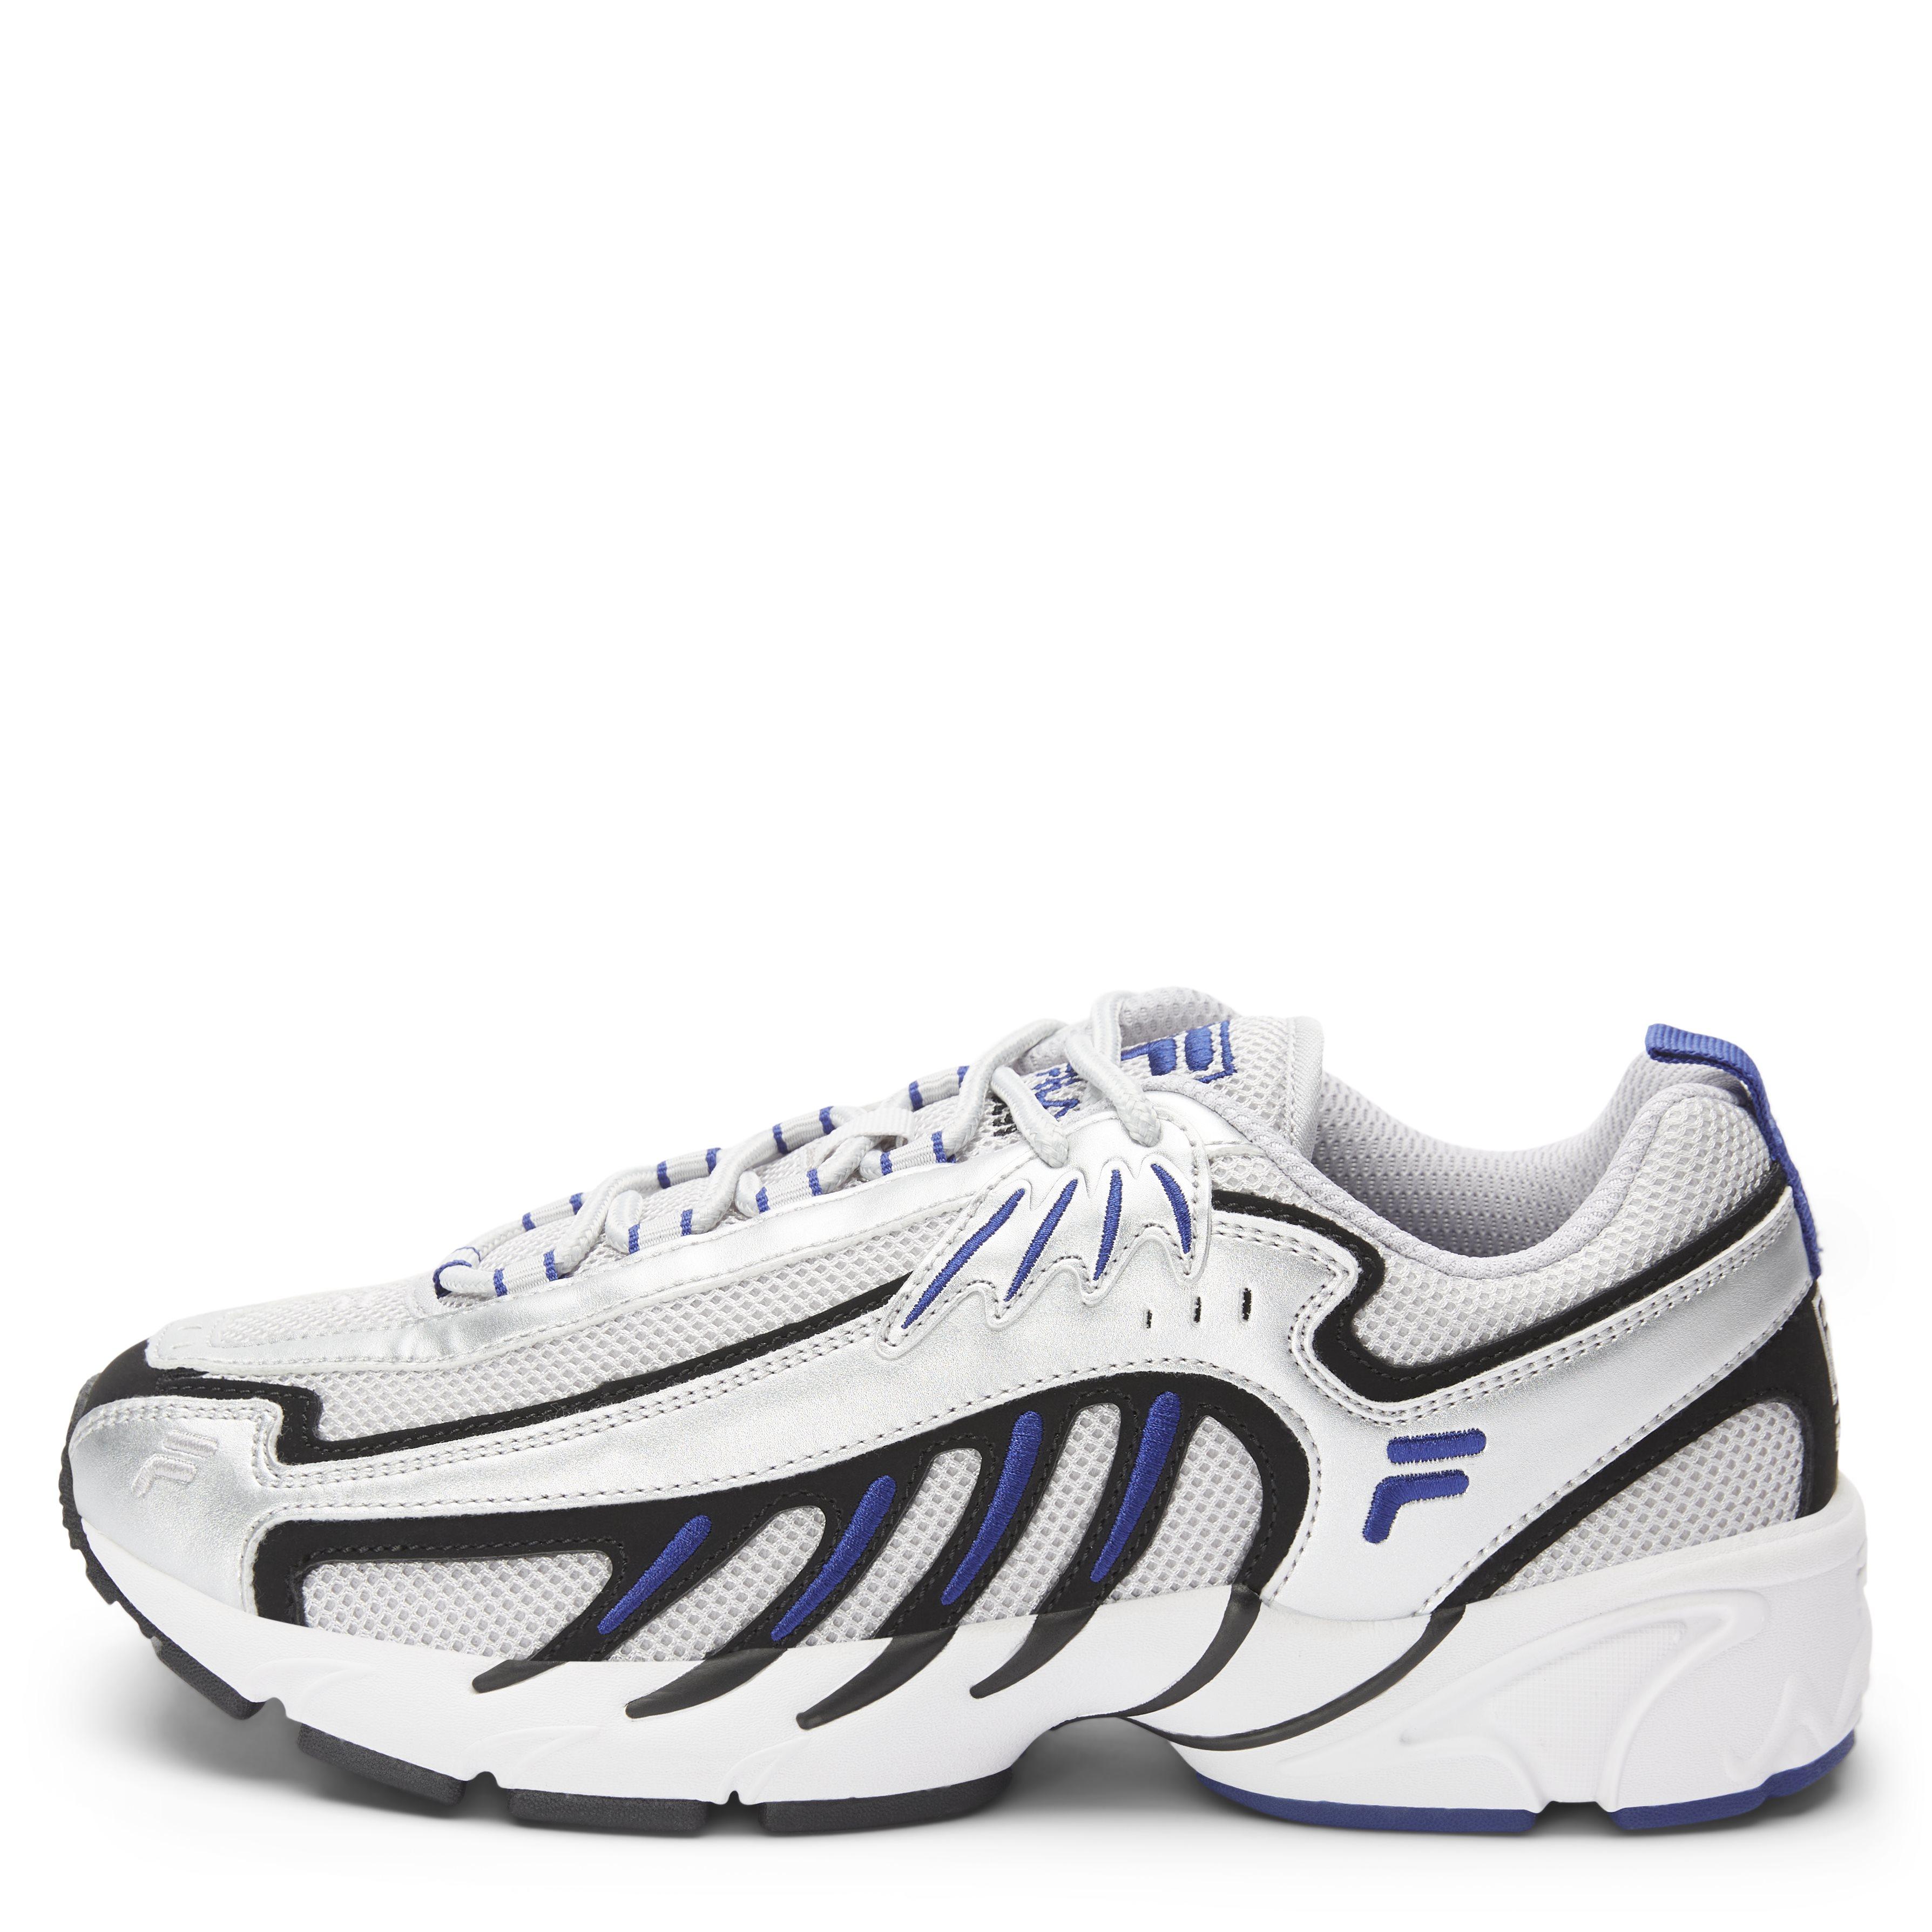 Adl99 F Low Sneaker - Sko - Sølv